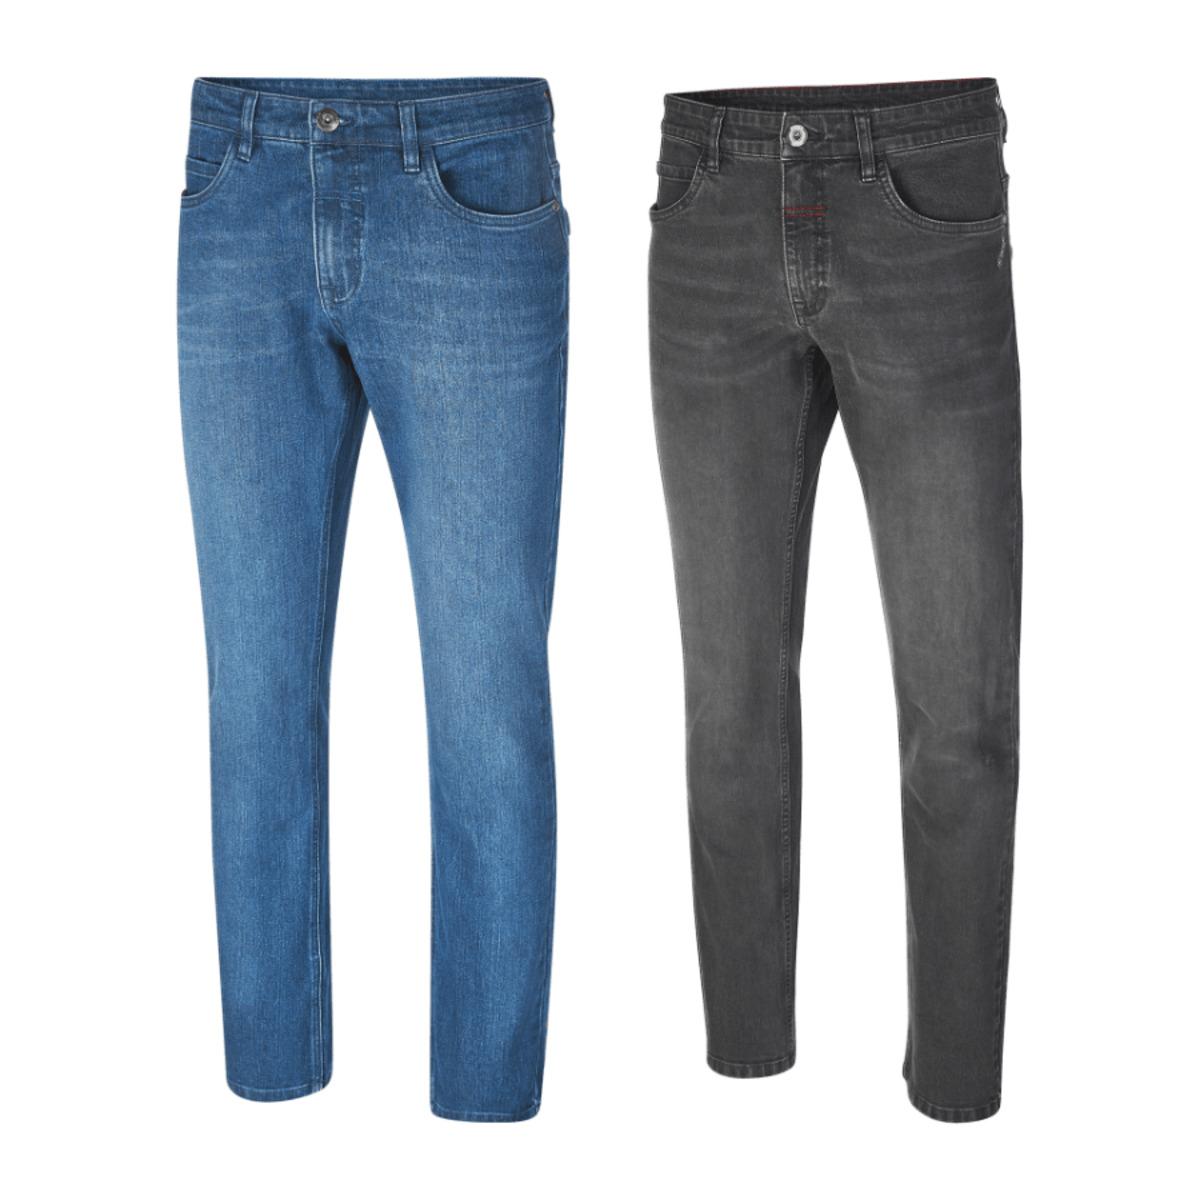 Bild 1 von STRAIGHT UP     Jeans